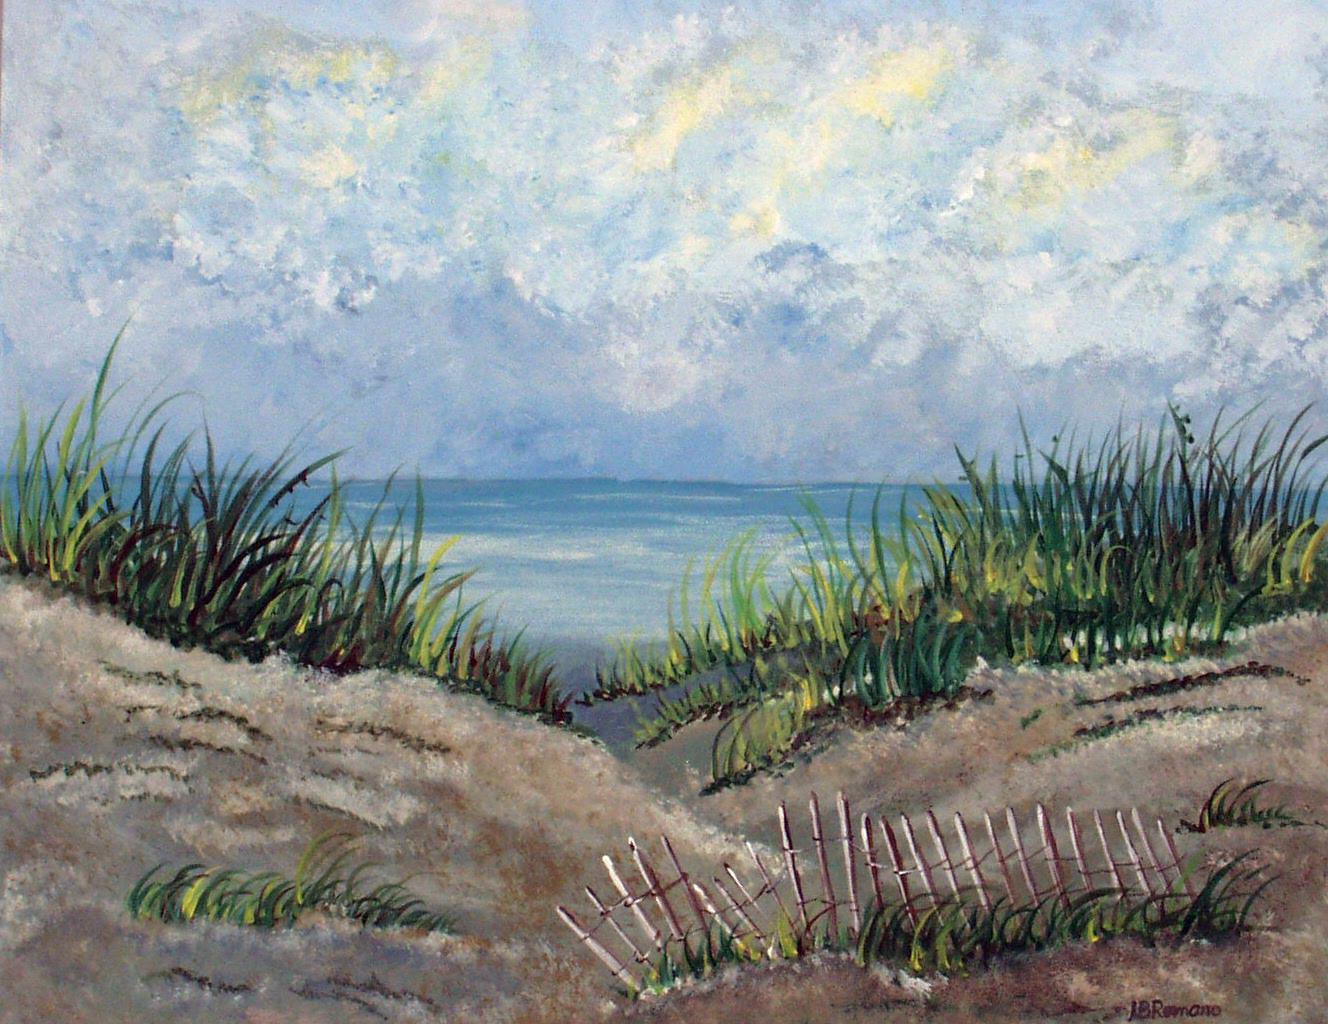 Lisa Romano - Ocean Breeze